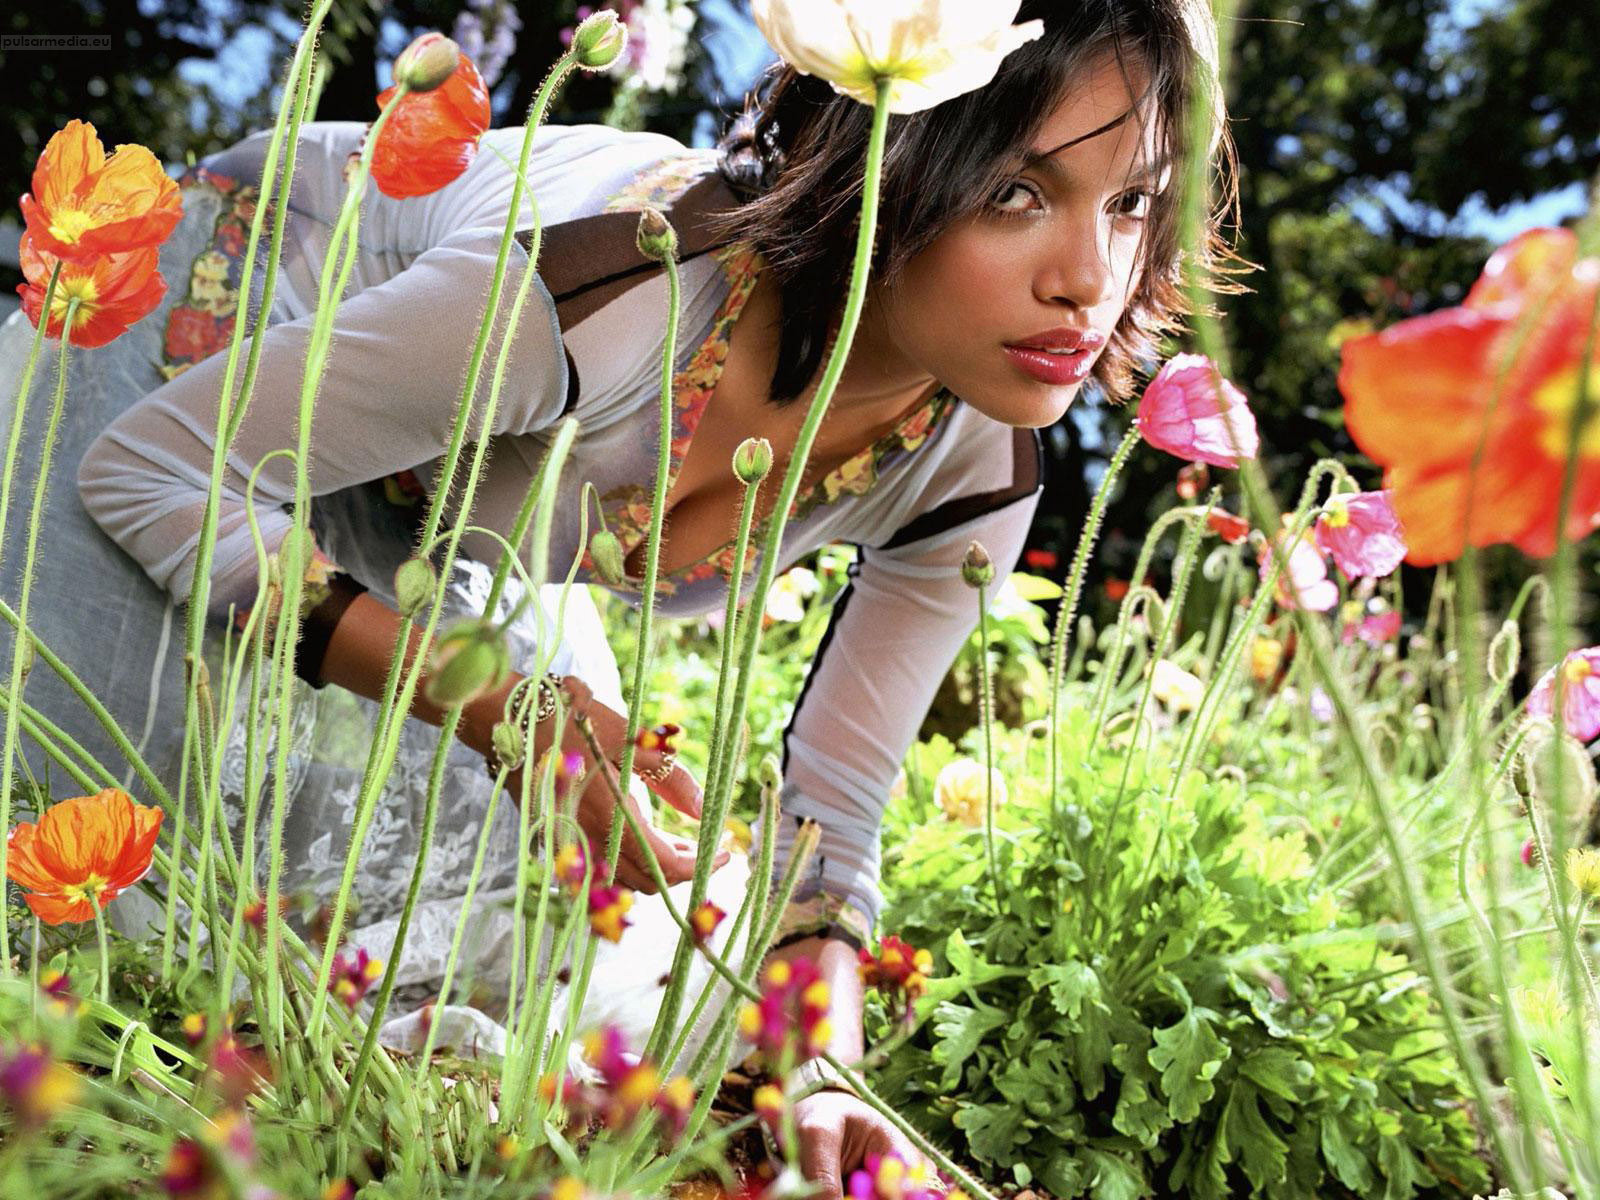 Rosario Dawson Images